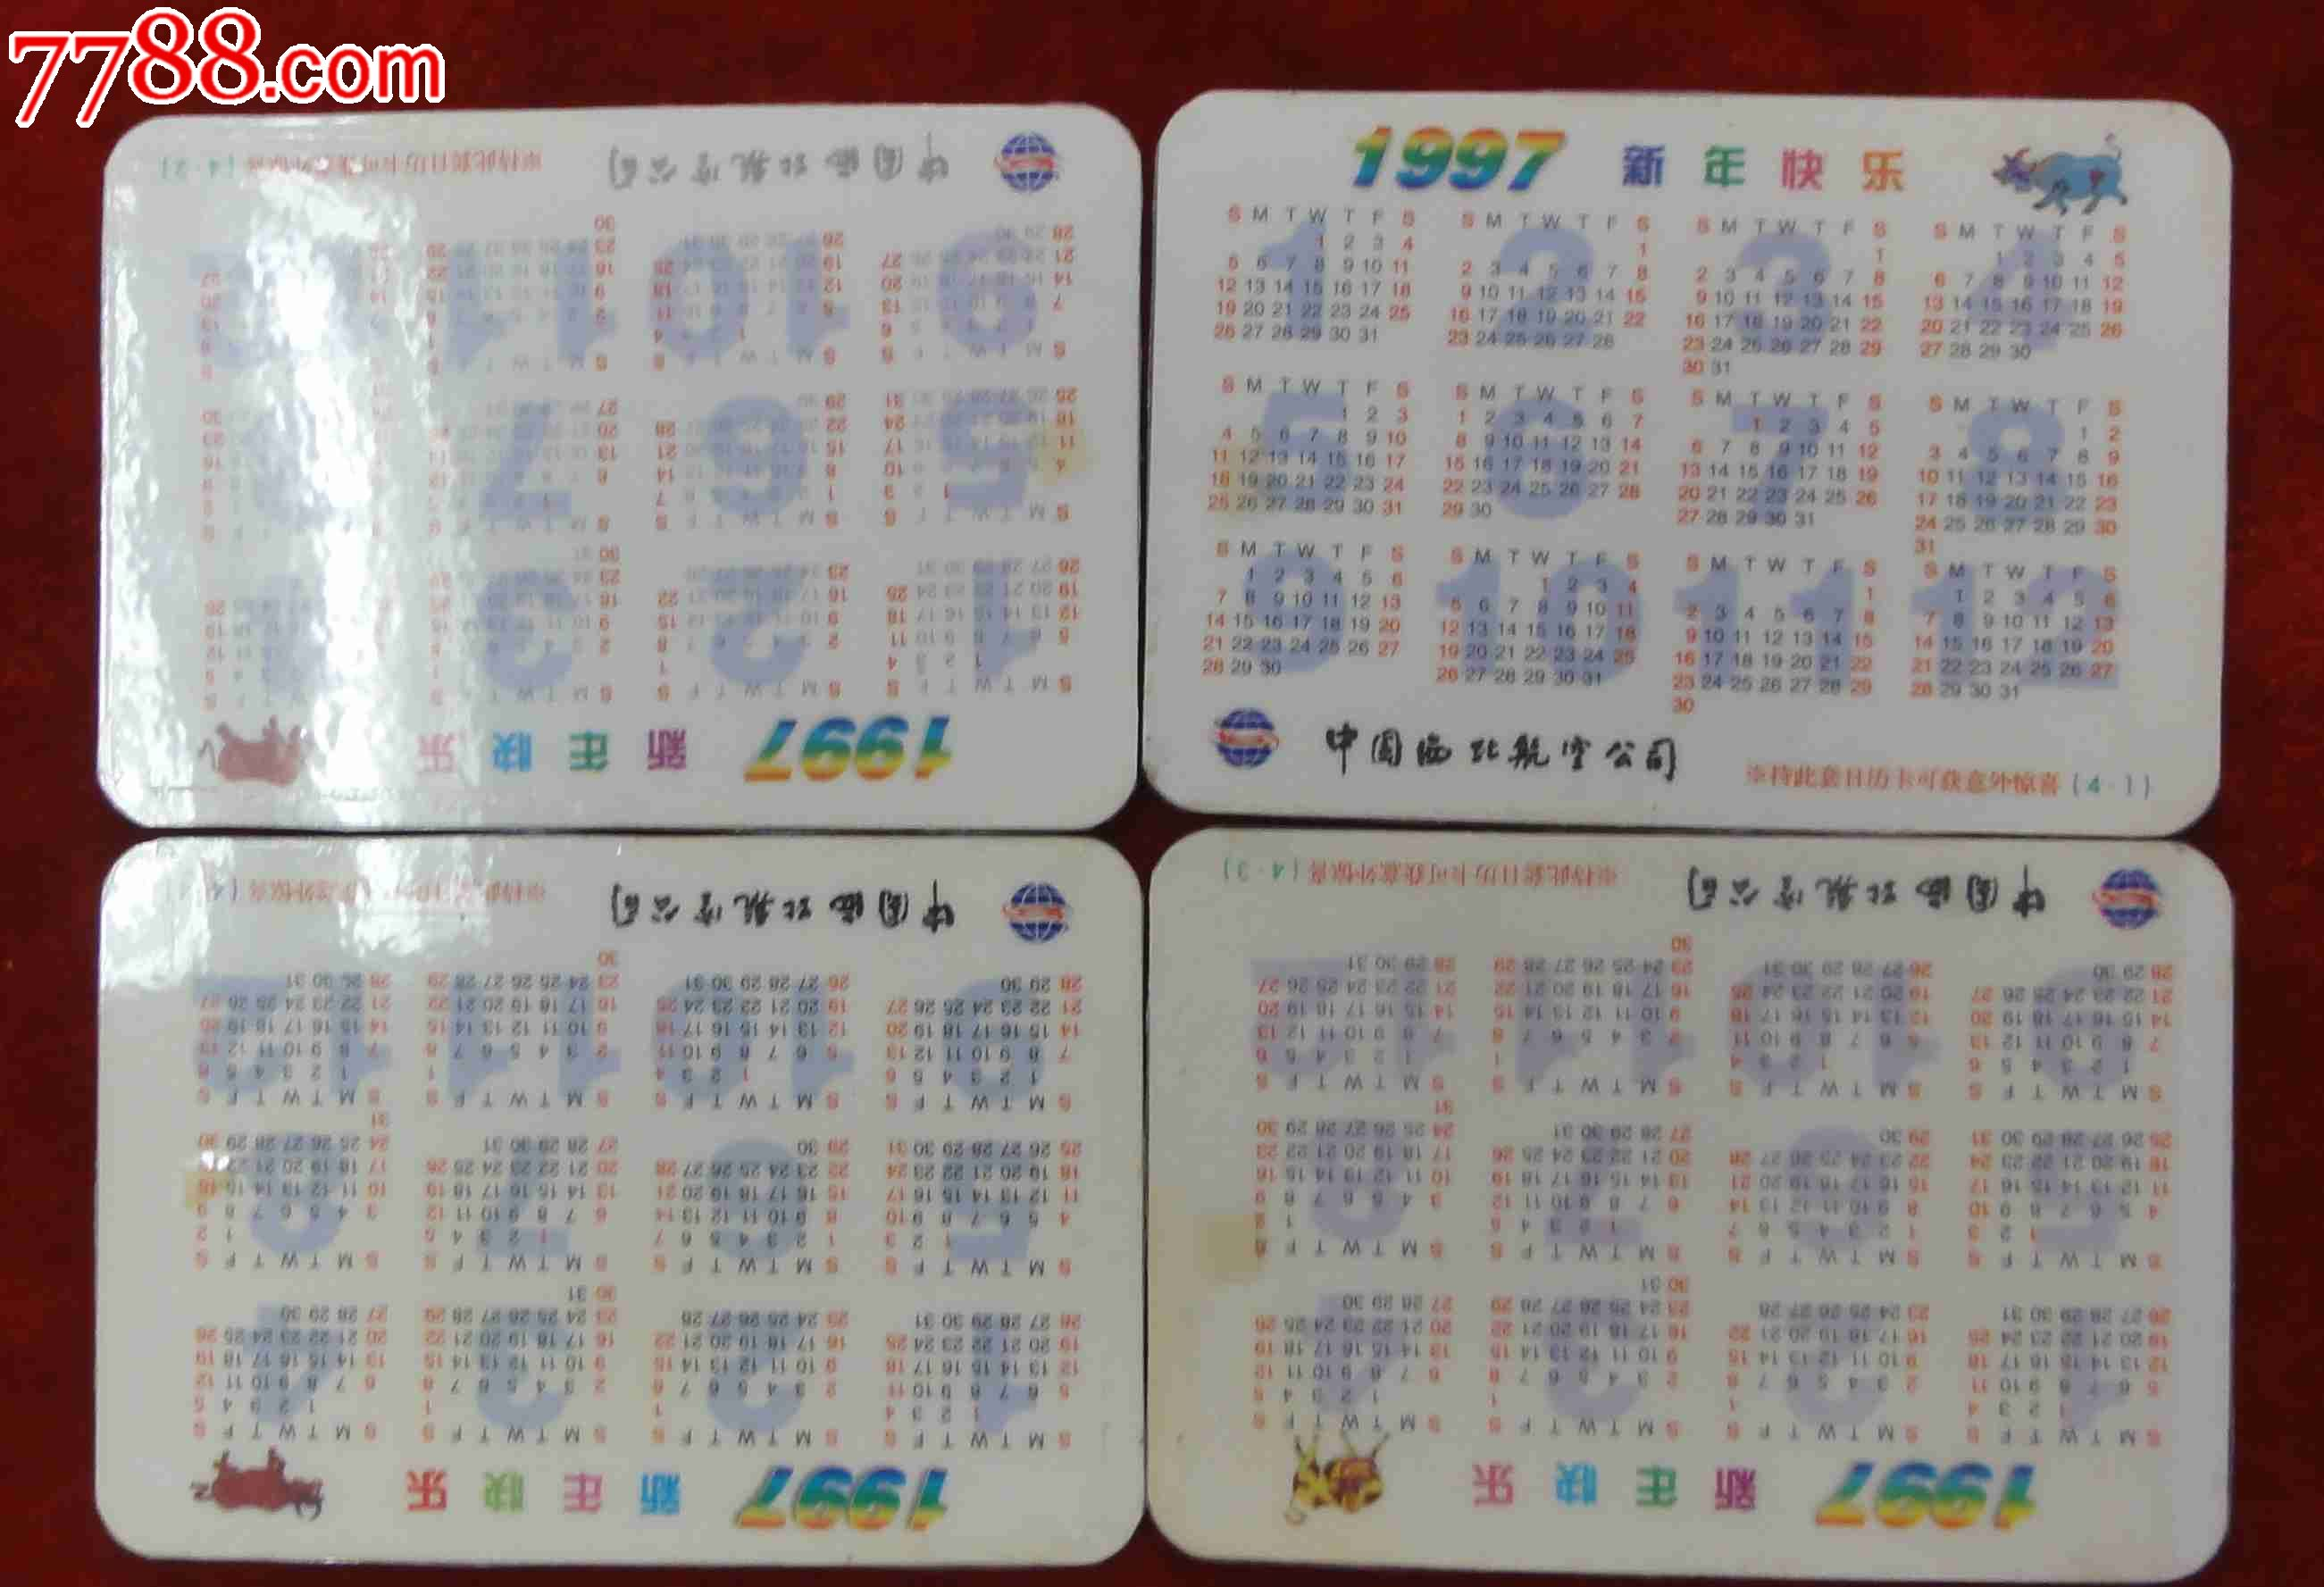 97年日历表_1997年年历卡片一组四张,西北航空,精美插花照片四副.